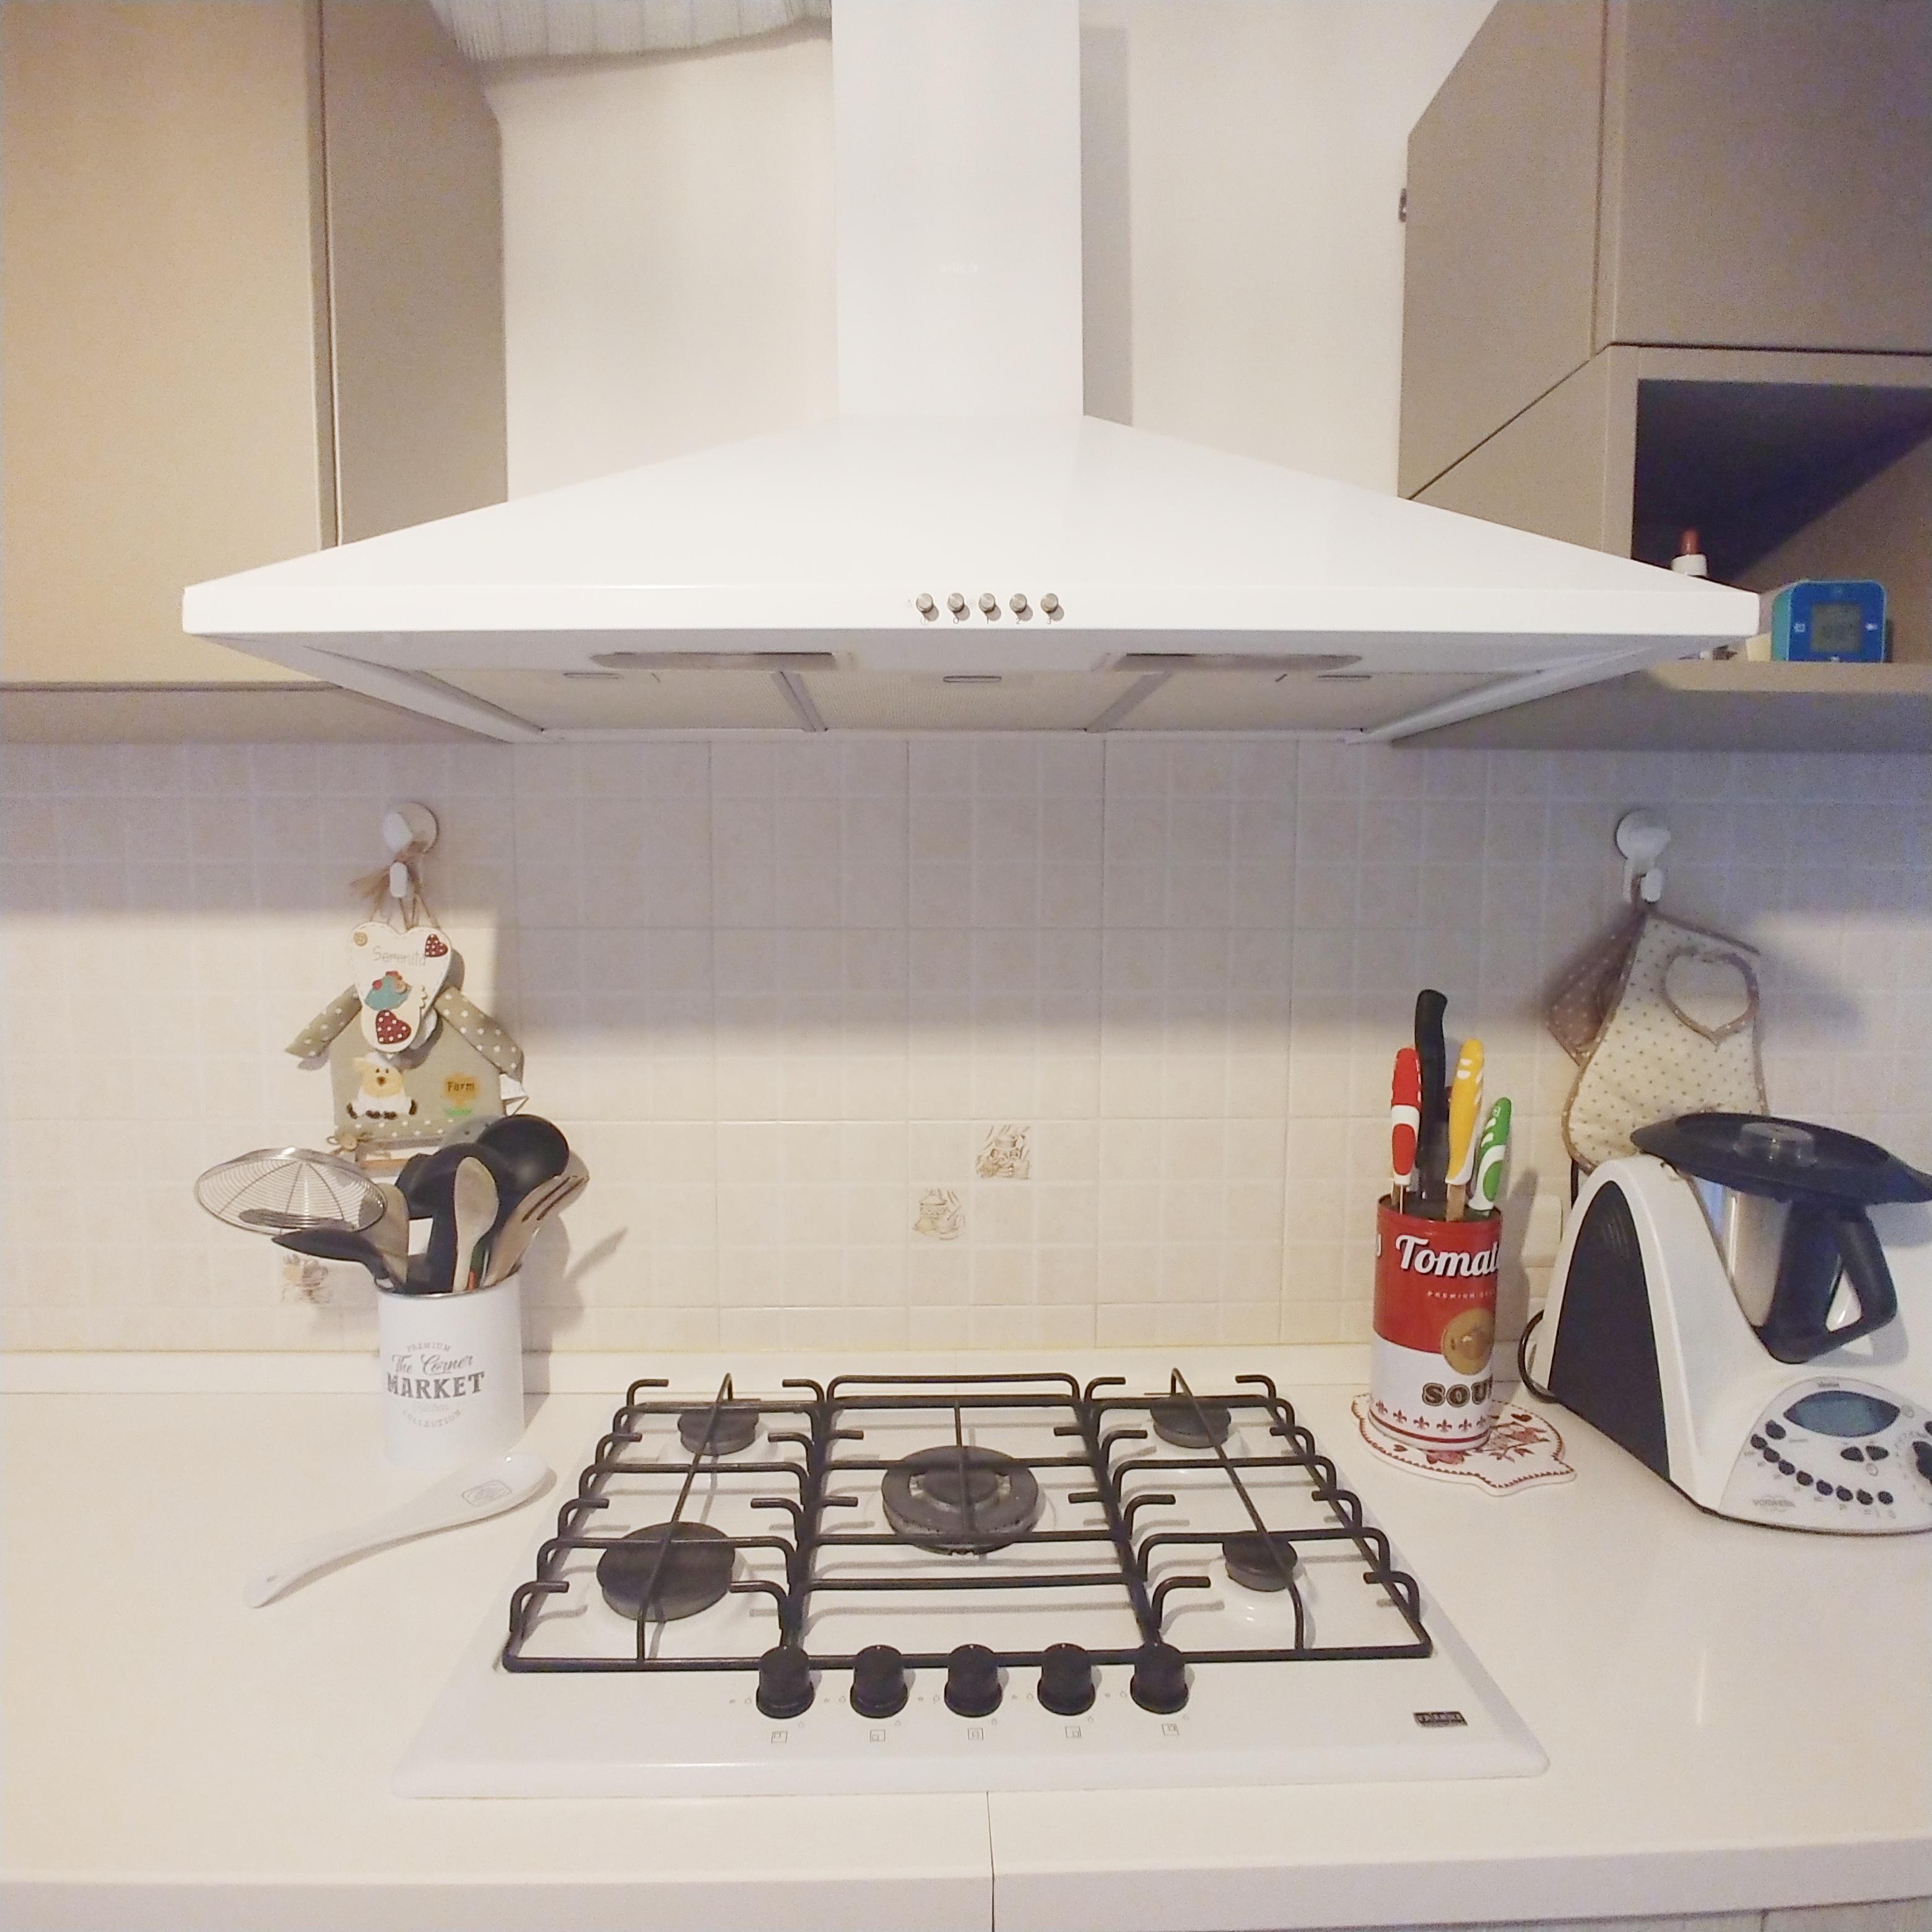 cappa cucina bianca